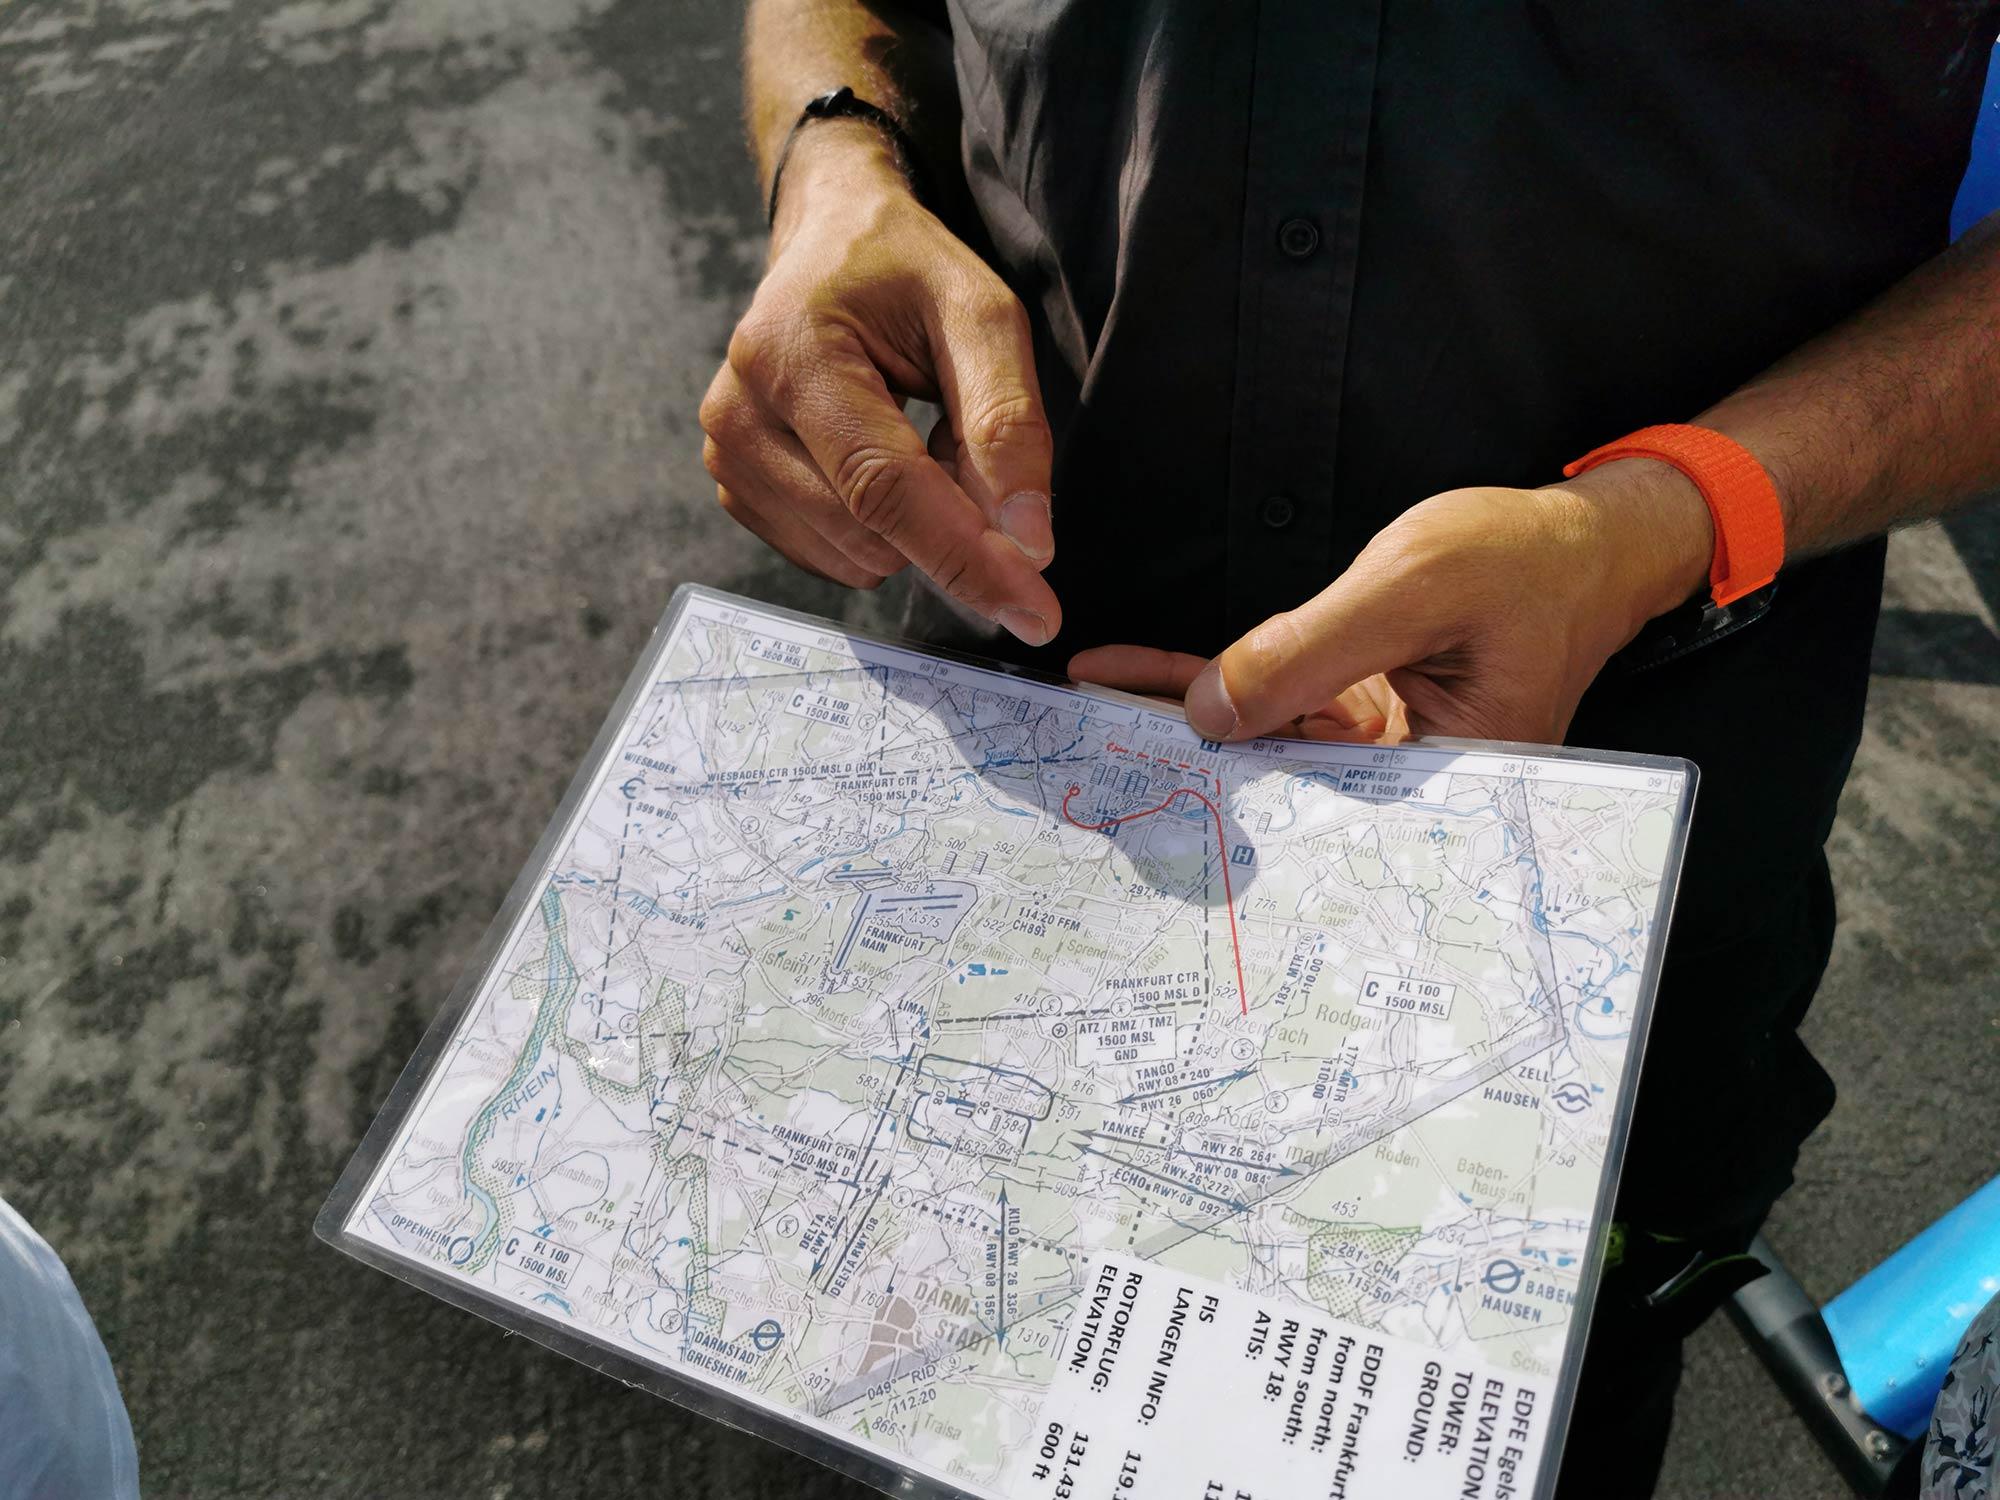 Der Pilot erklärt die Flugroute für den Panoramaflug Frankfurt Skyline